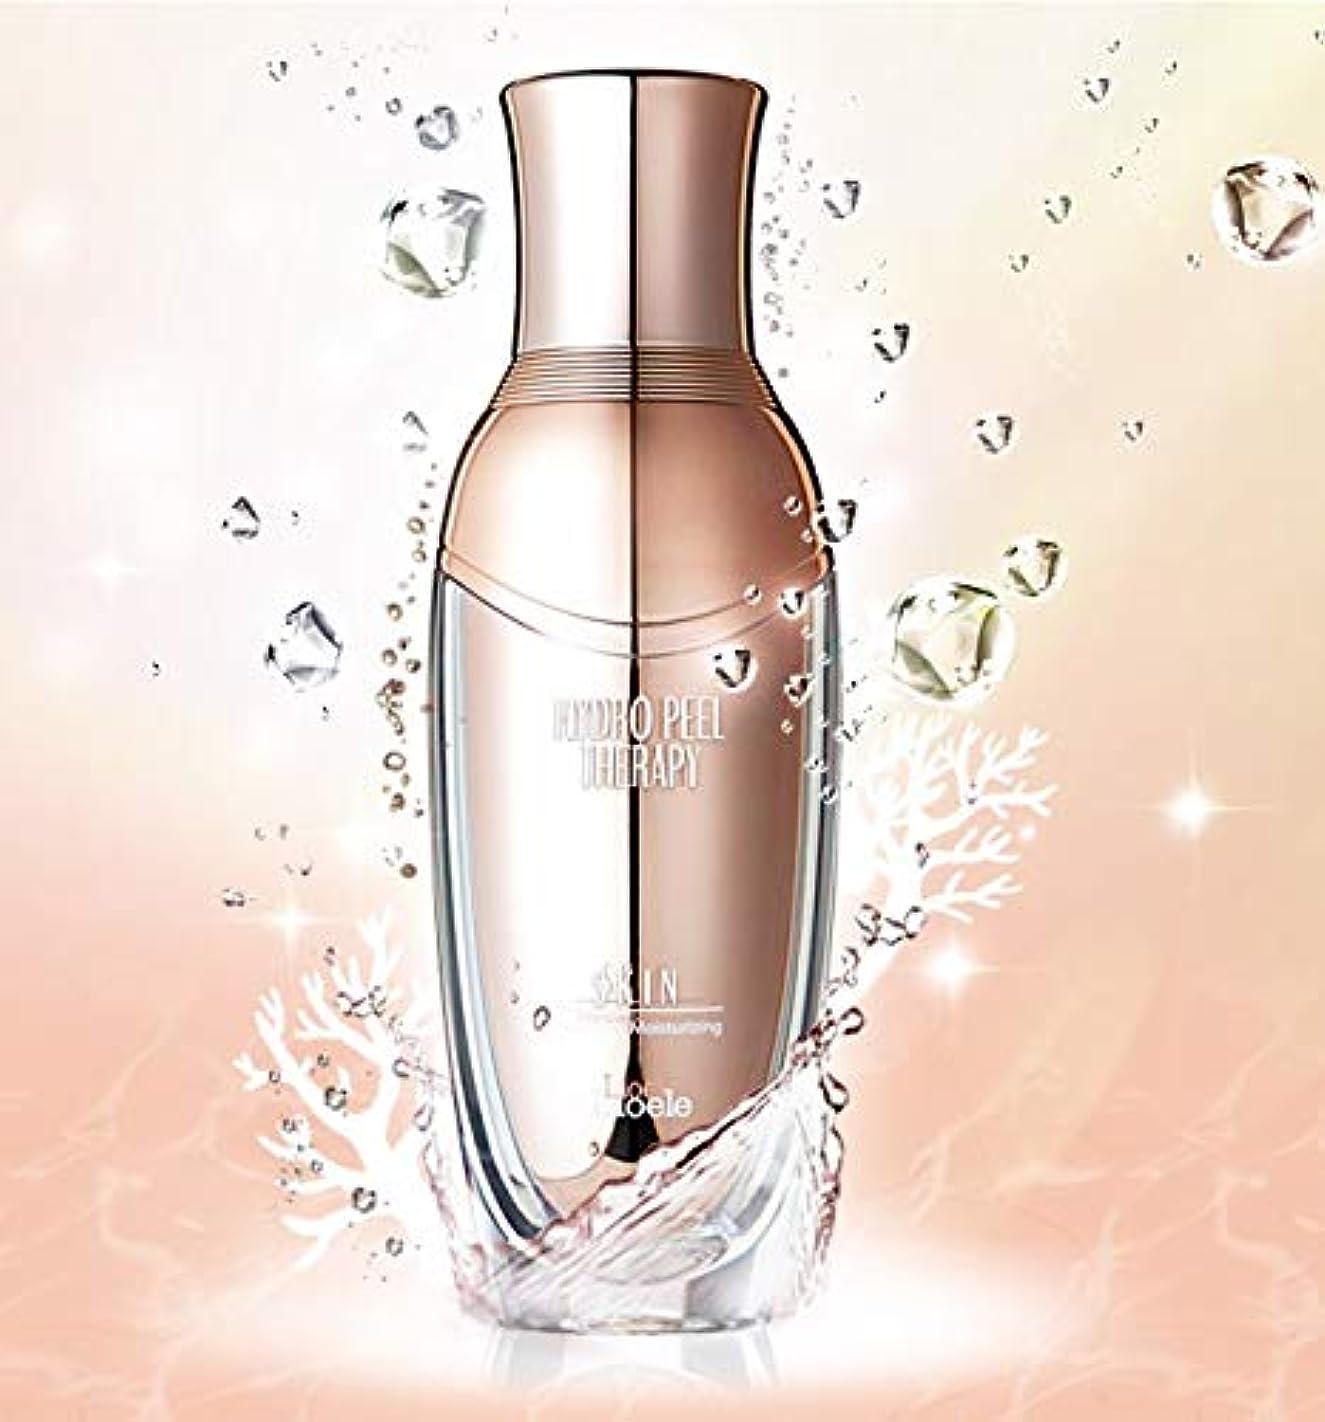 演劇個人的なアクティビティLioele (リオエリ) ハイドロ ピール テラピー スキン / 海洋深層水の豊富なミネラルでしっとり溶け込むスキン / Hydro Peel Therapy Skin (120ml) [並行輸入品]